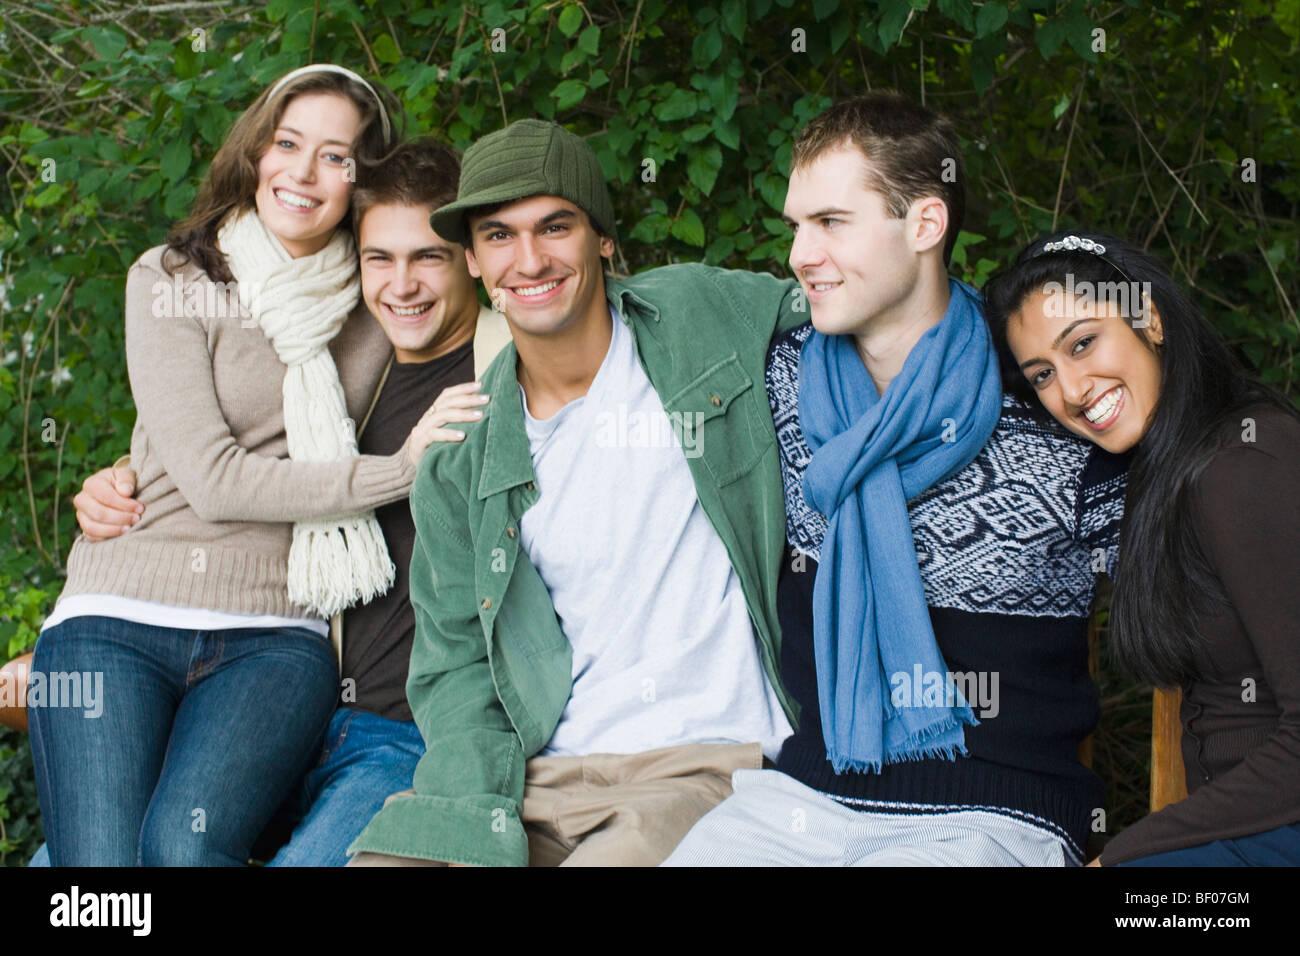 Gruppo di amici seduti insieme e sorridente Immagini Stock